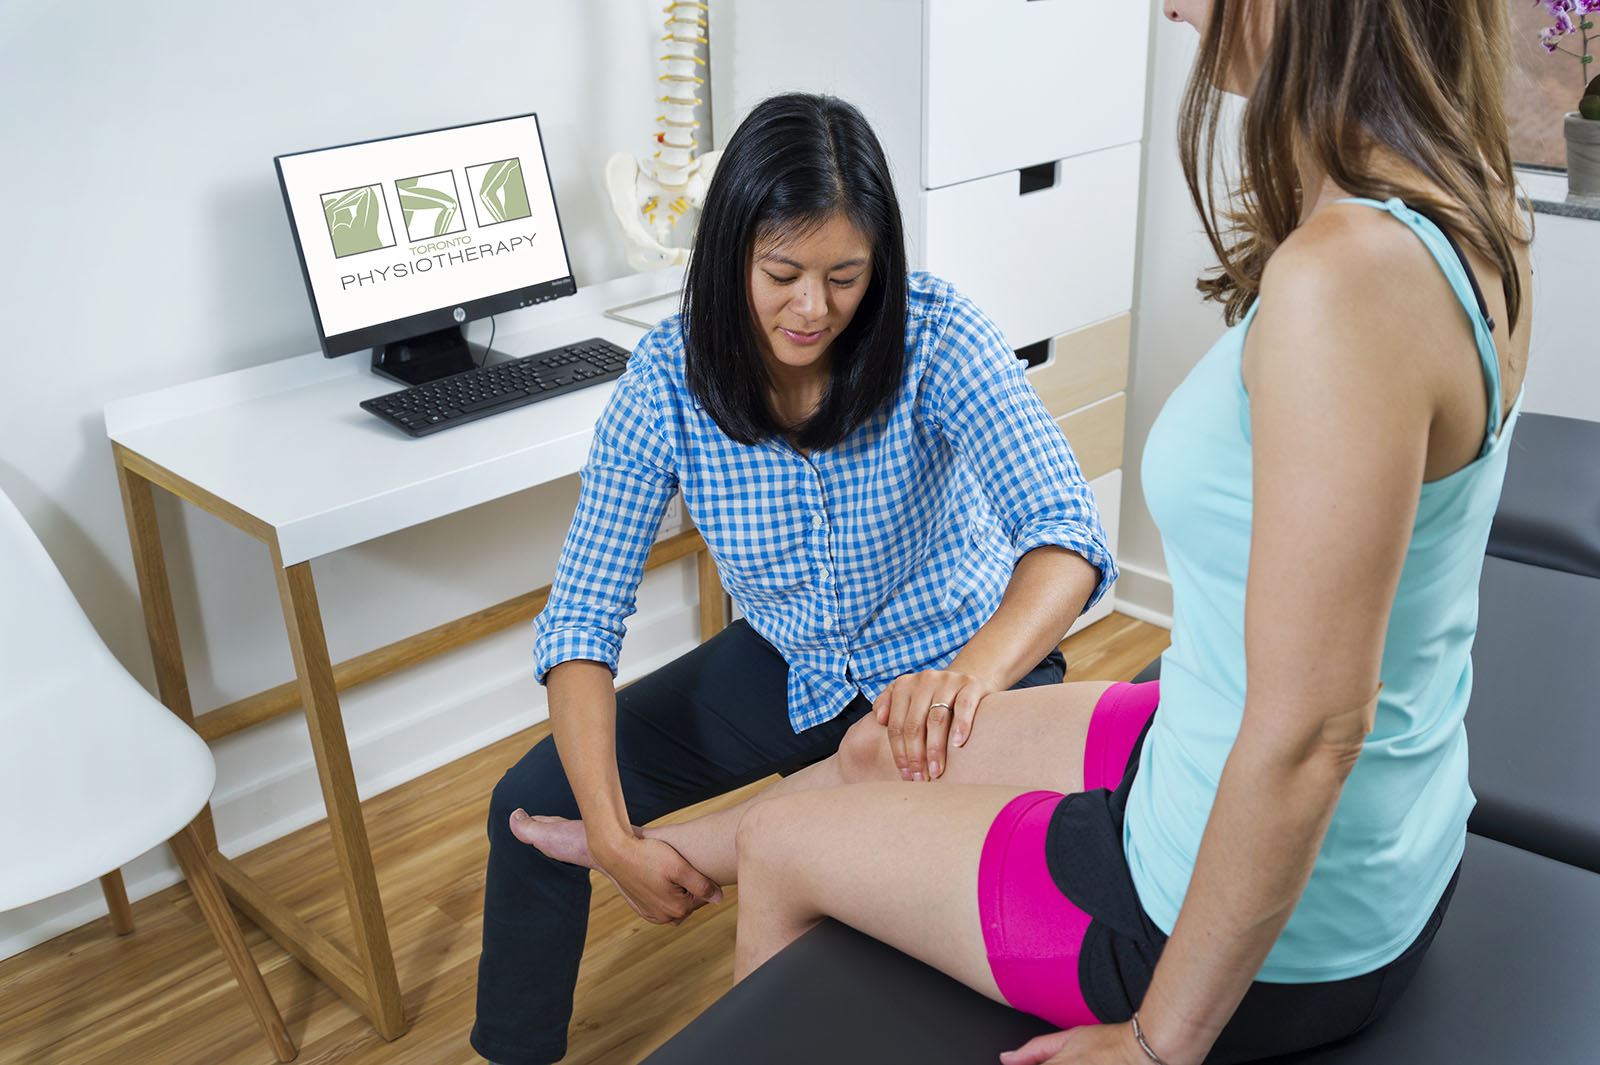 Physiotherapist treats patient's leg